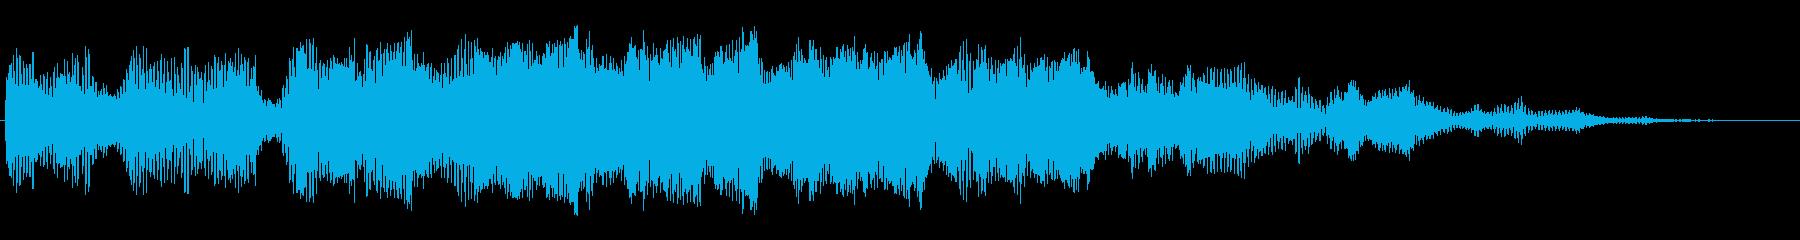 キュイーン(神秘的)の再生済みの波形